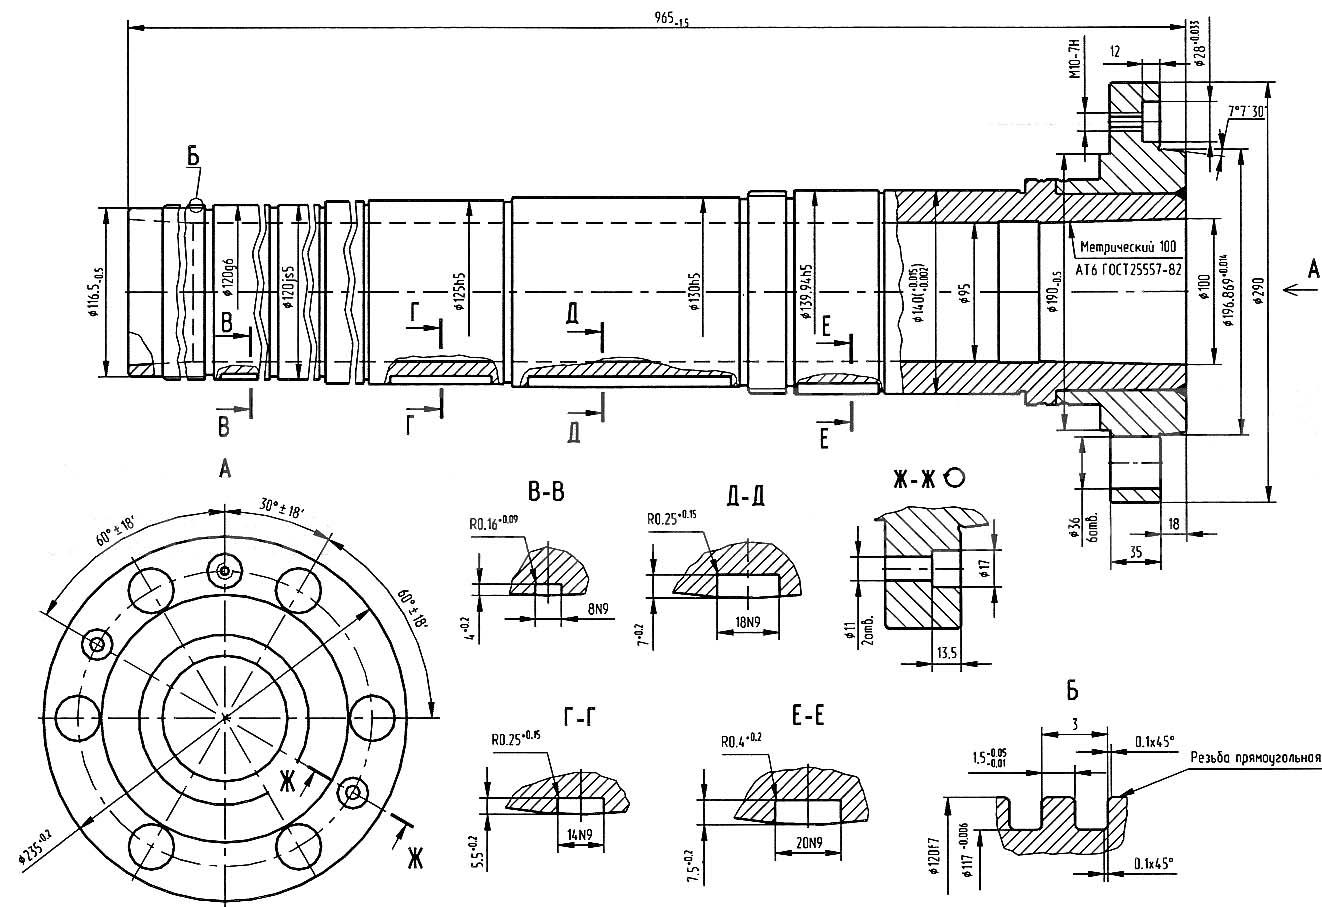 кинематическая схема моторного привода mz-4